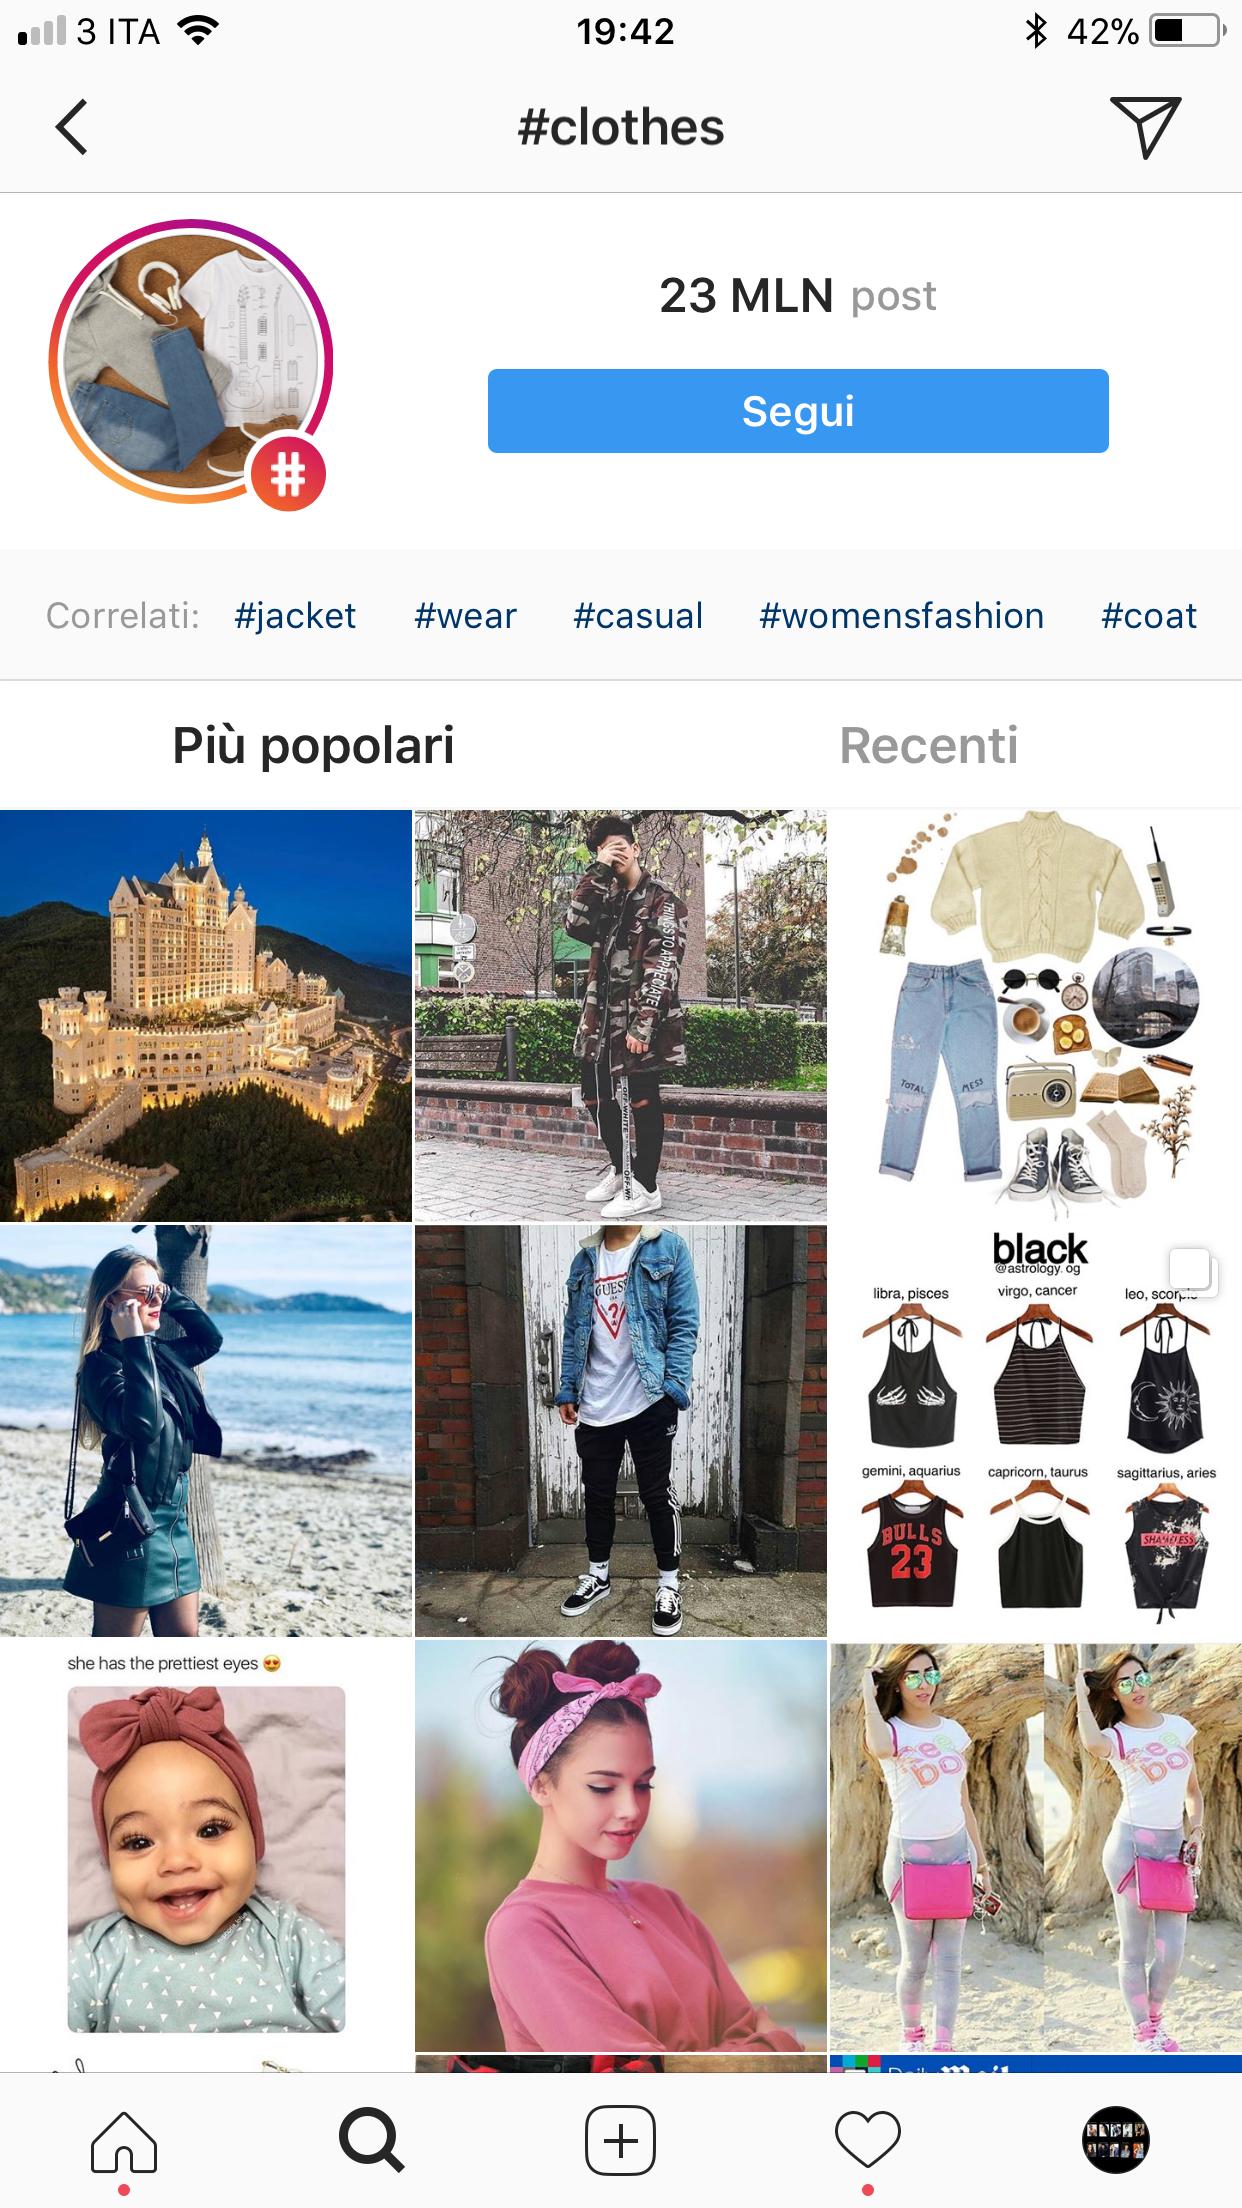 Risultati immagini per popular page instagram